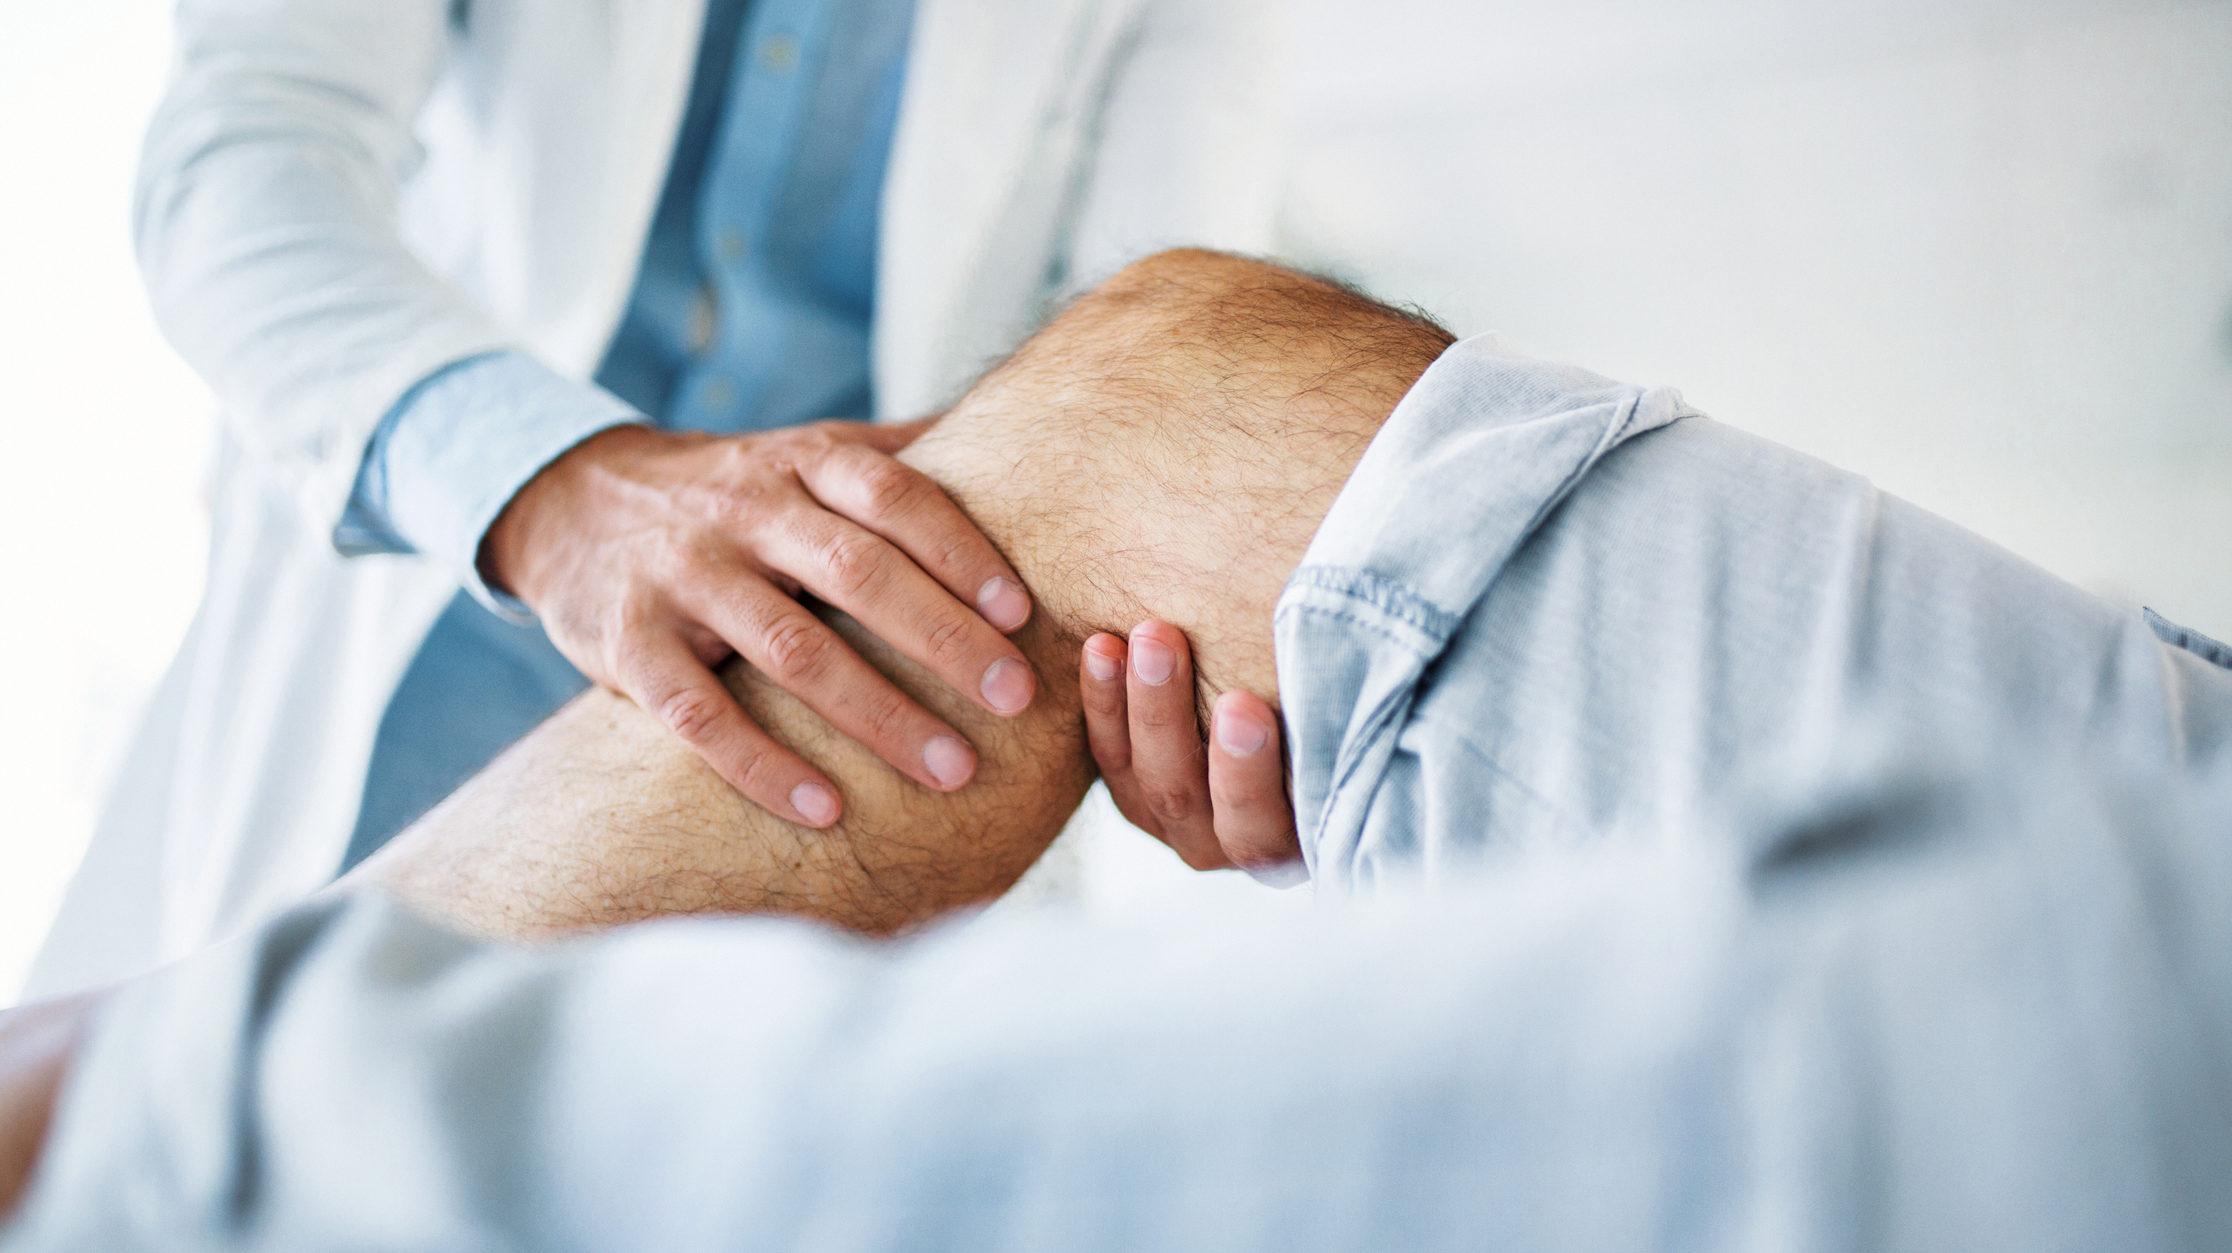 ízületi fájdalom pikkelysömörben ahol pikkelysömör kezelik